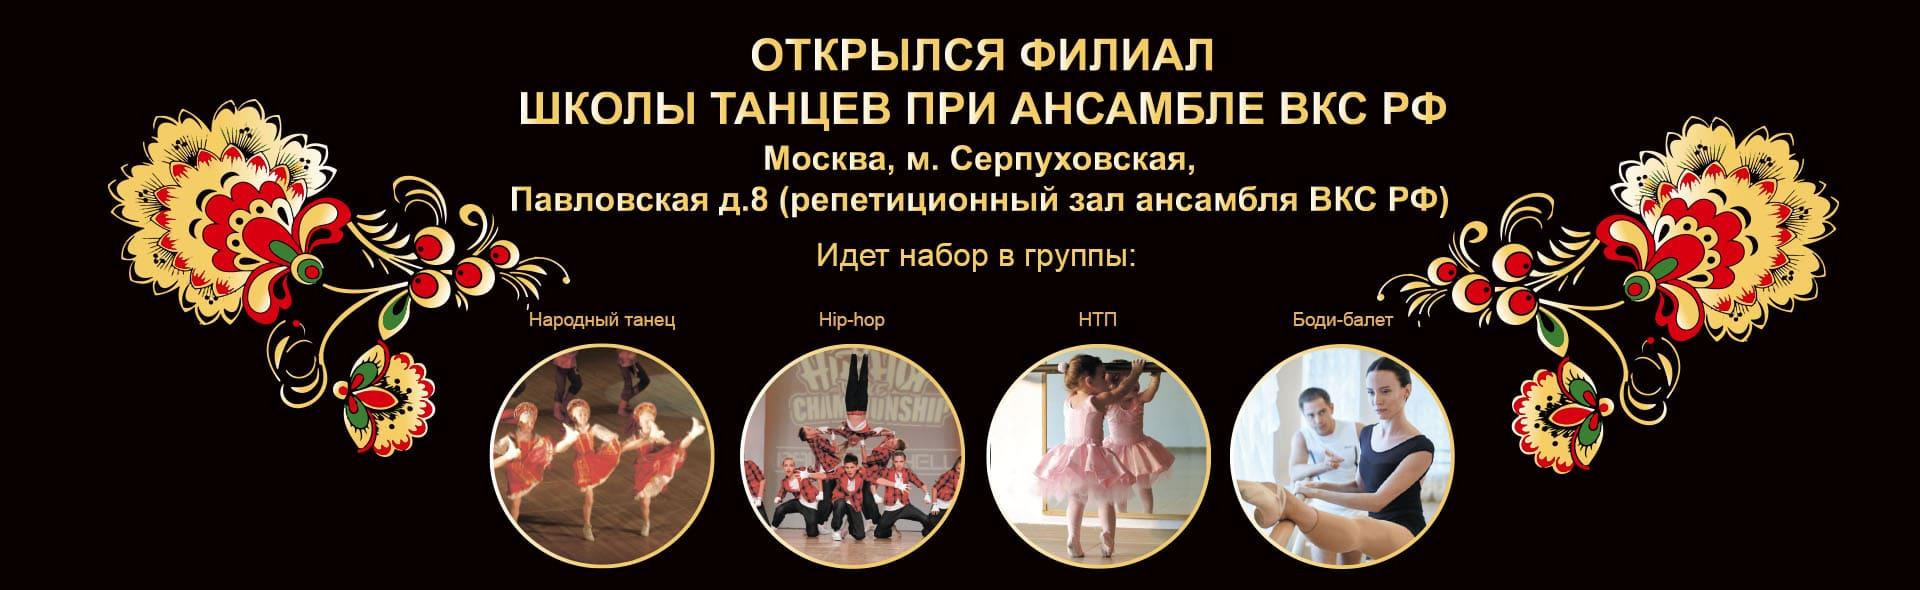 Школа танцев при ансамбле ВКС РФ Барвиха-dance